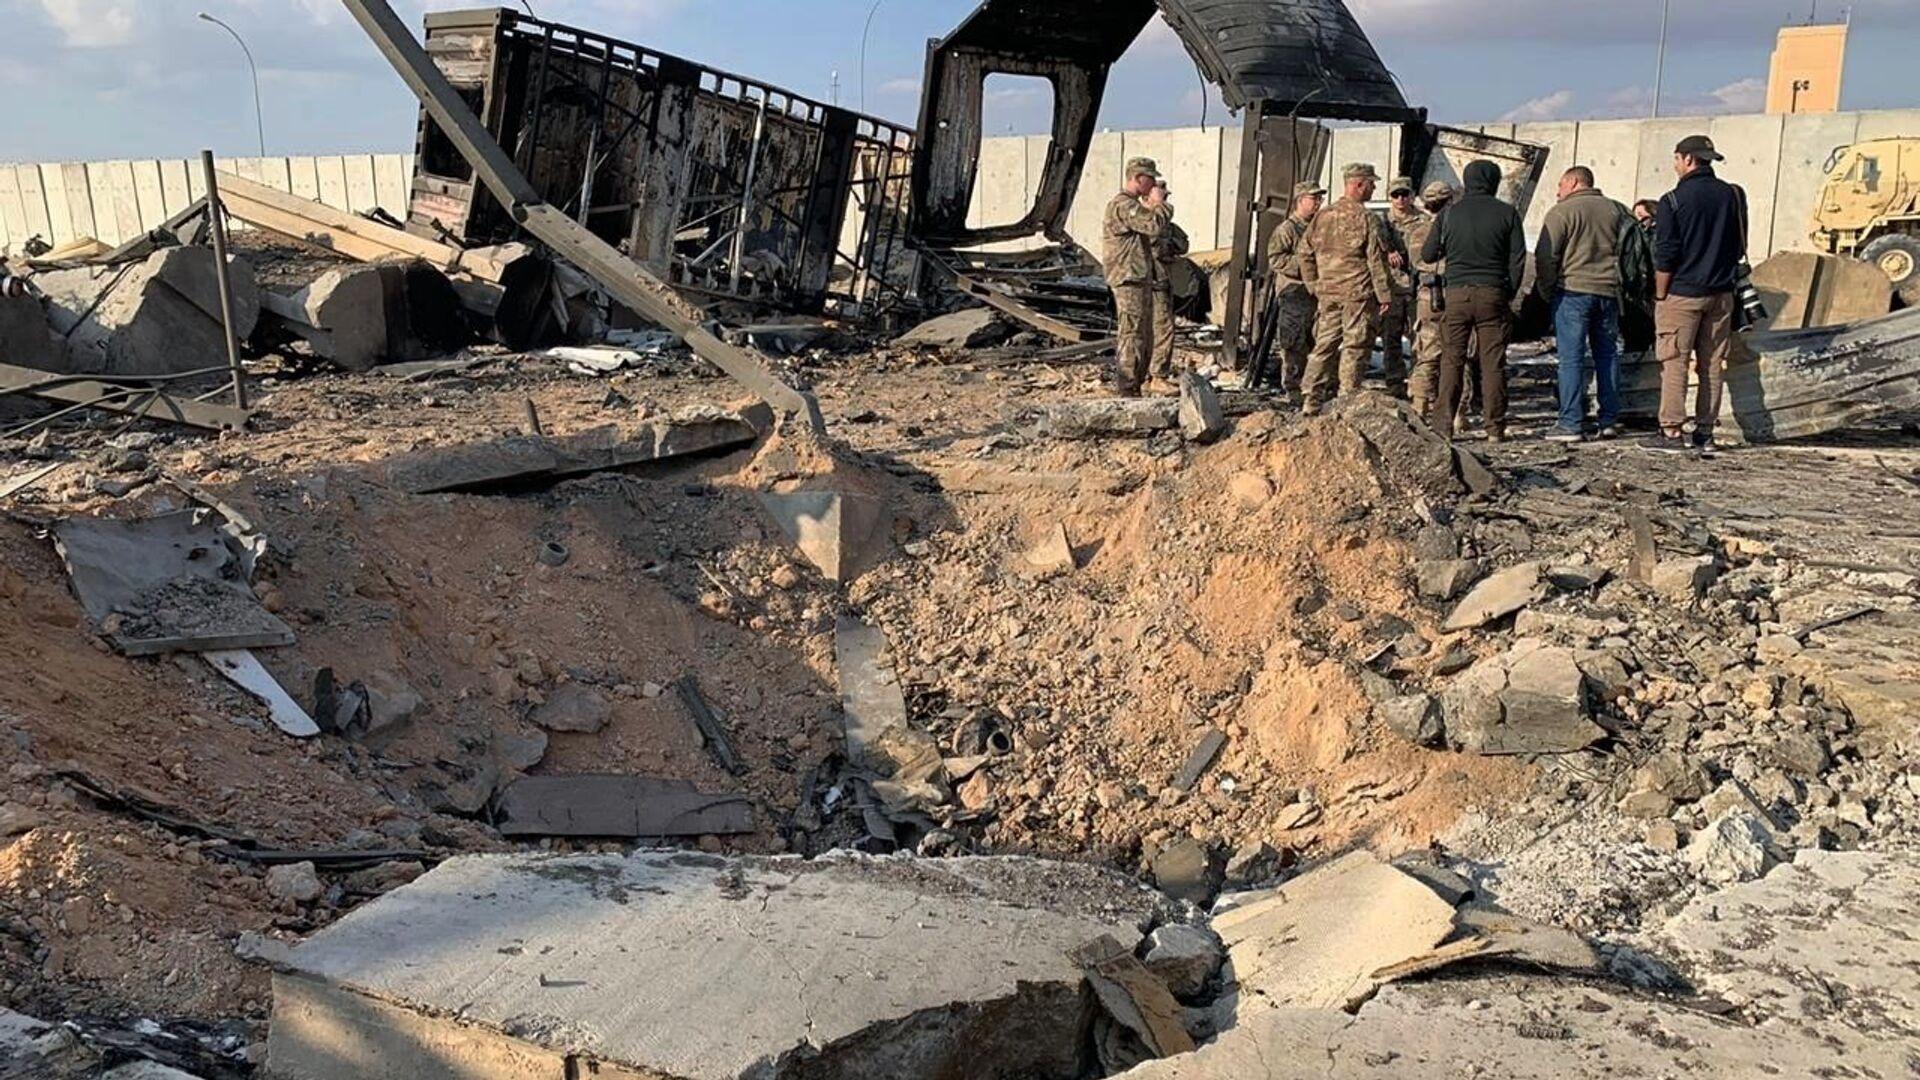 La base iraquí de Ain al Asad tras un ataque (archivo) - Sputnik Mundo, 1920, 20.06.2021